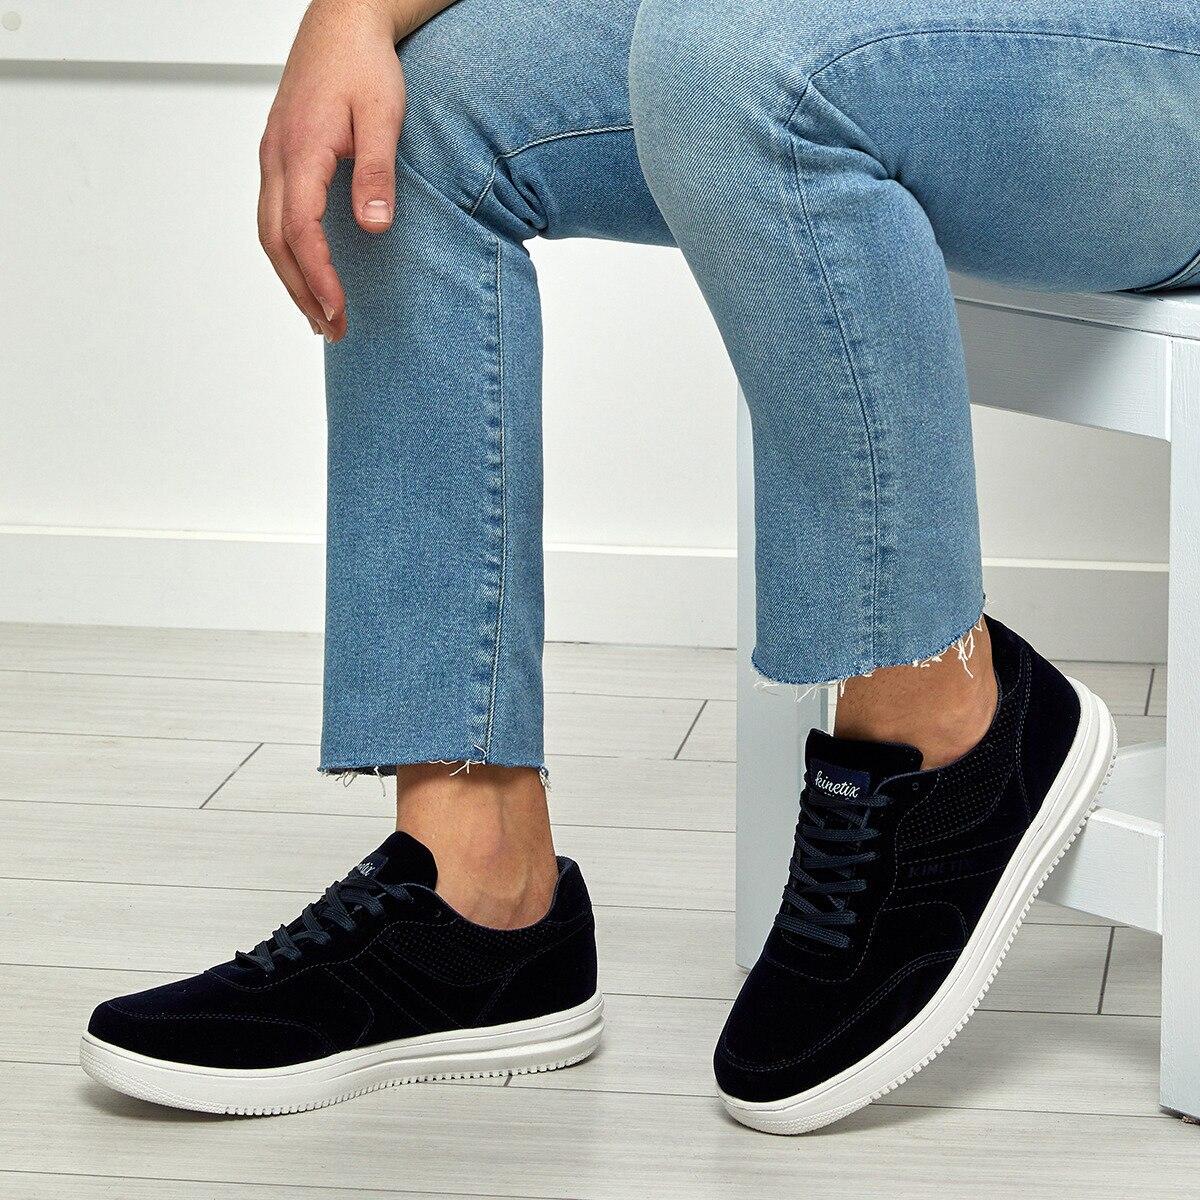 FLO BOARD Navy Blue Men 'S Sneaker Shoes KINETIX